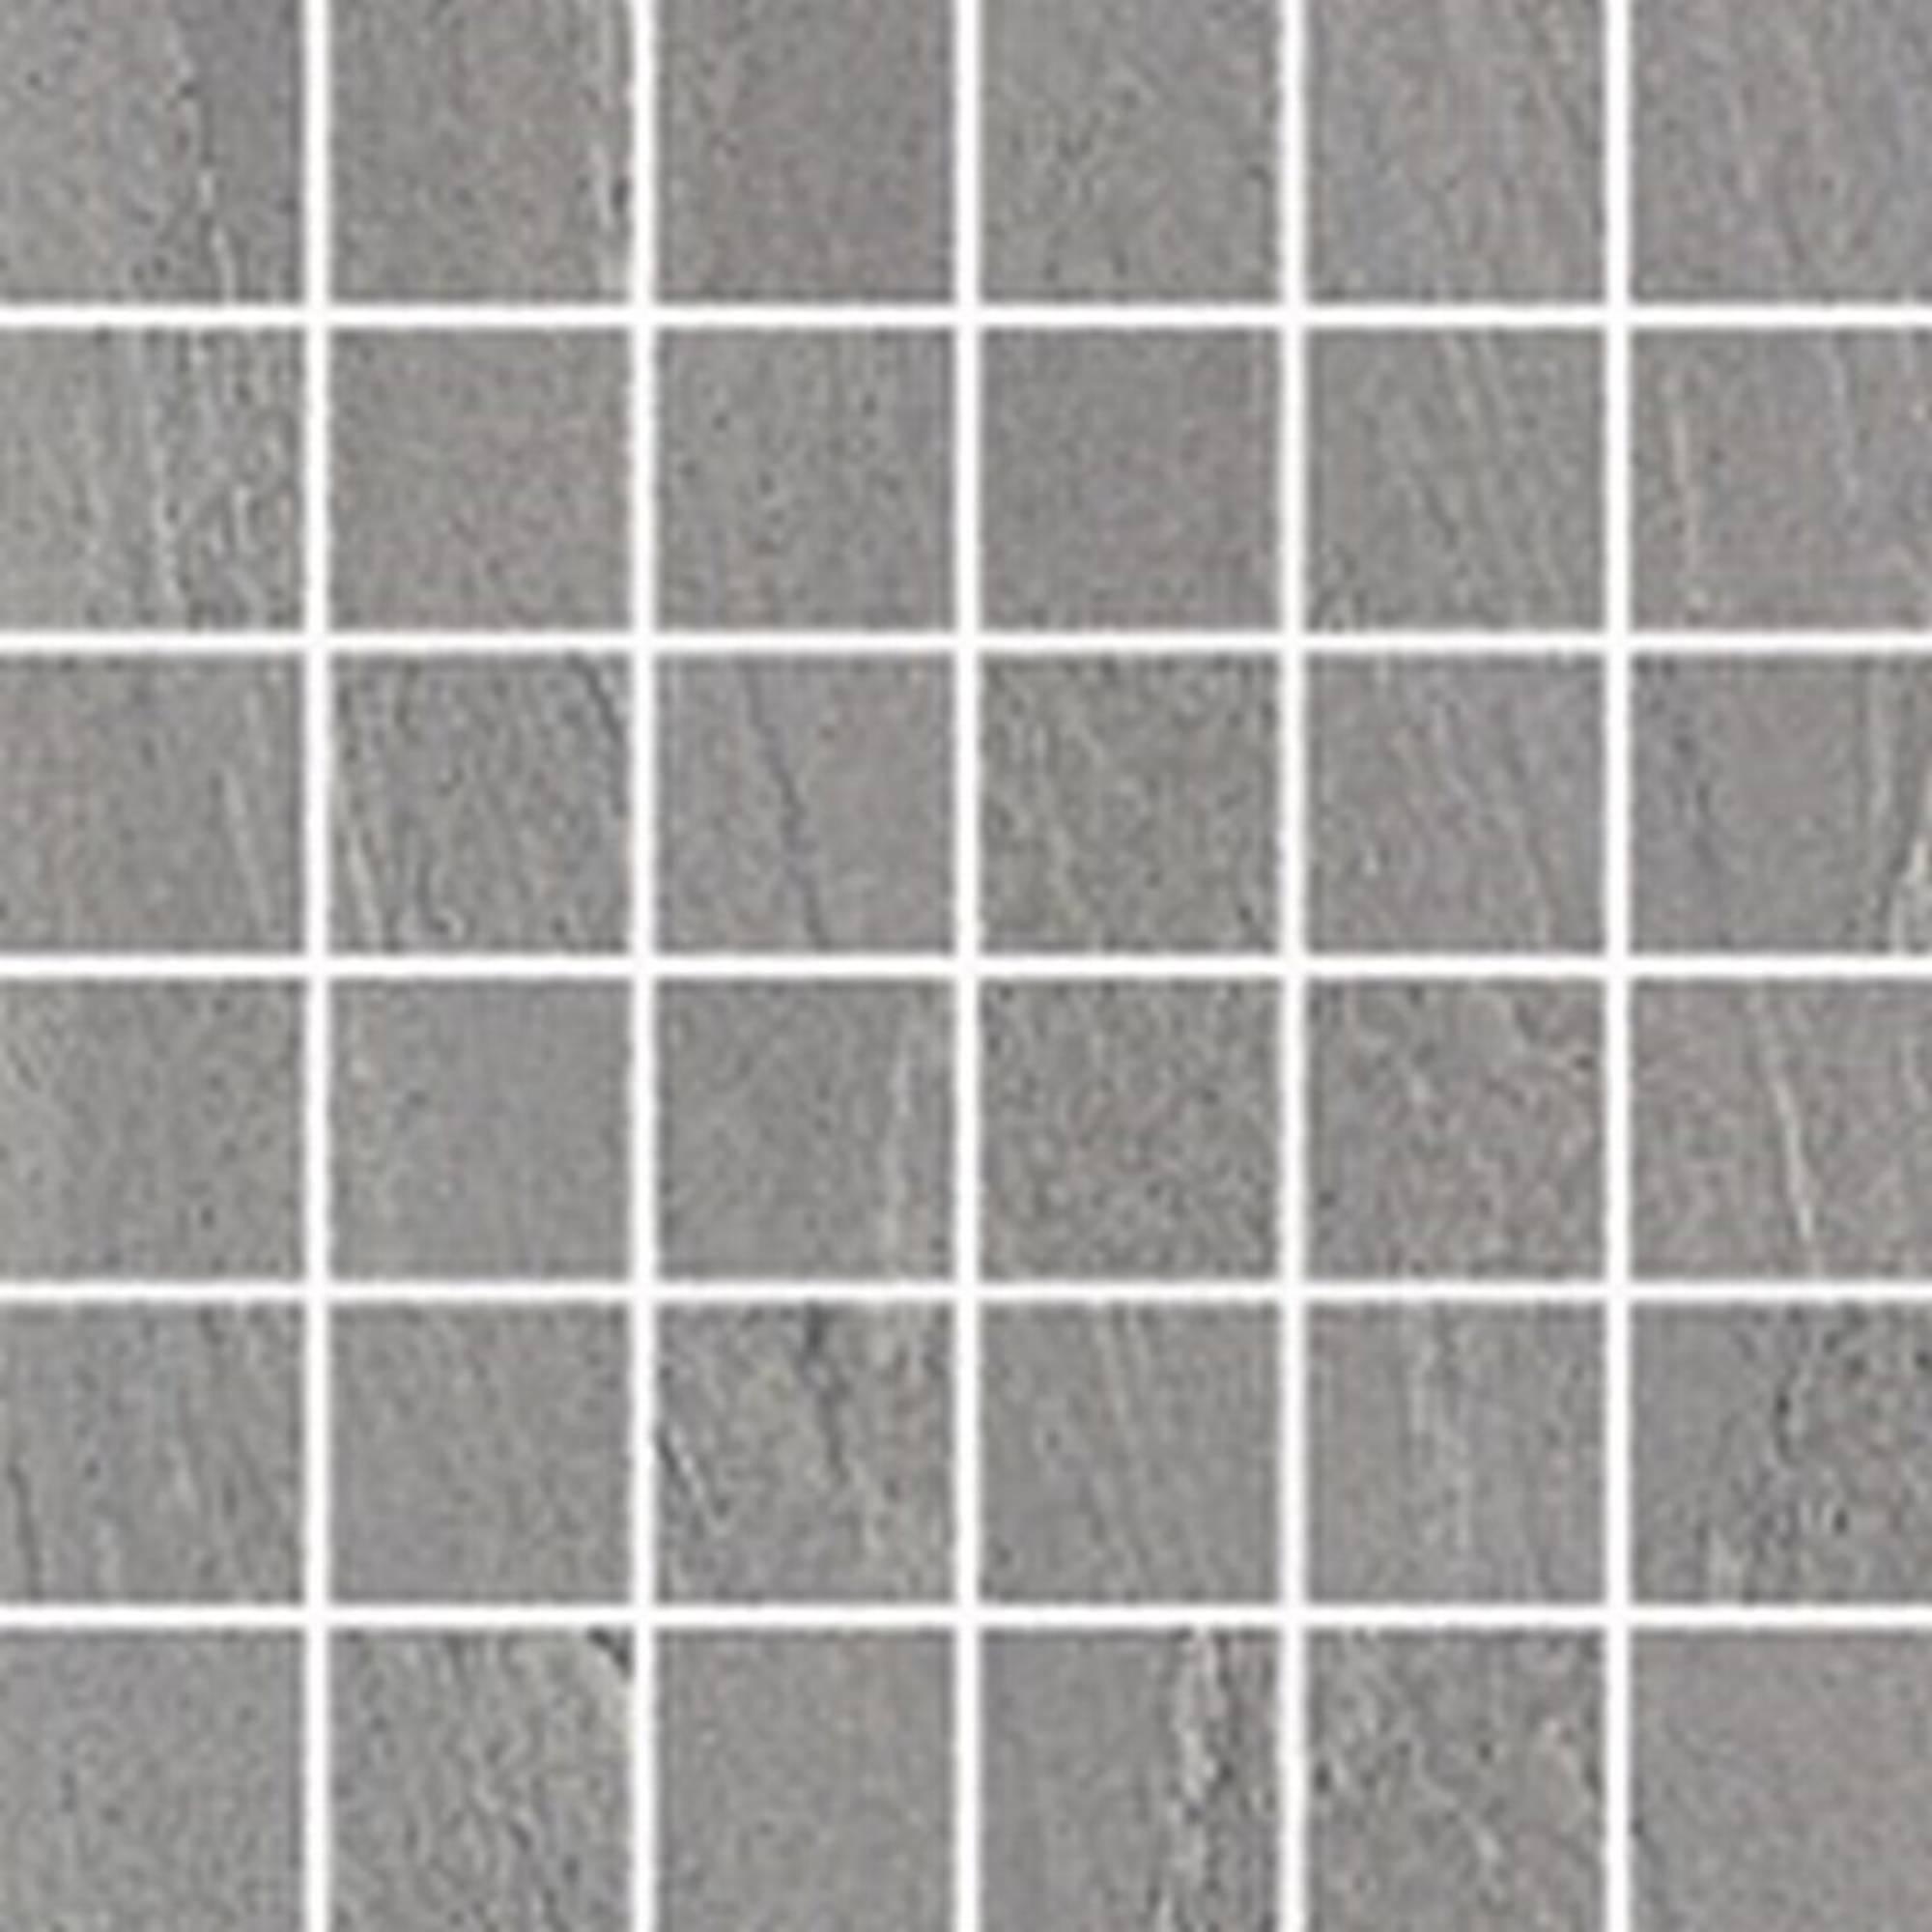 Villeroy & boch Aspen tegelmat 0.5 x 0.5 cm. blok 30 x 30 cm.a 11 stuks, licht grijs